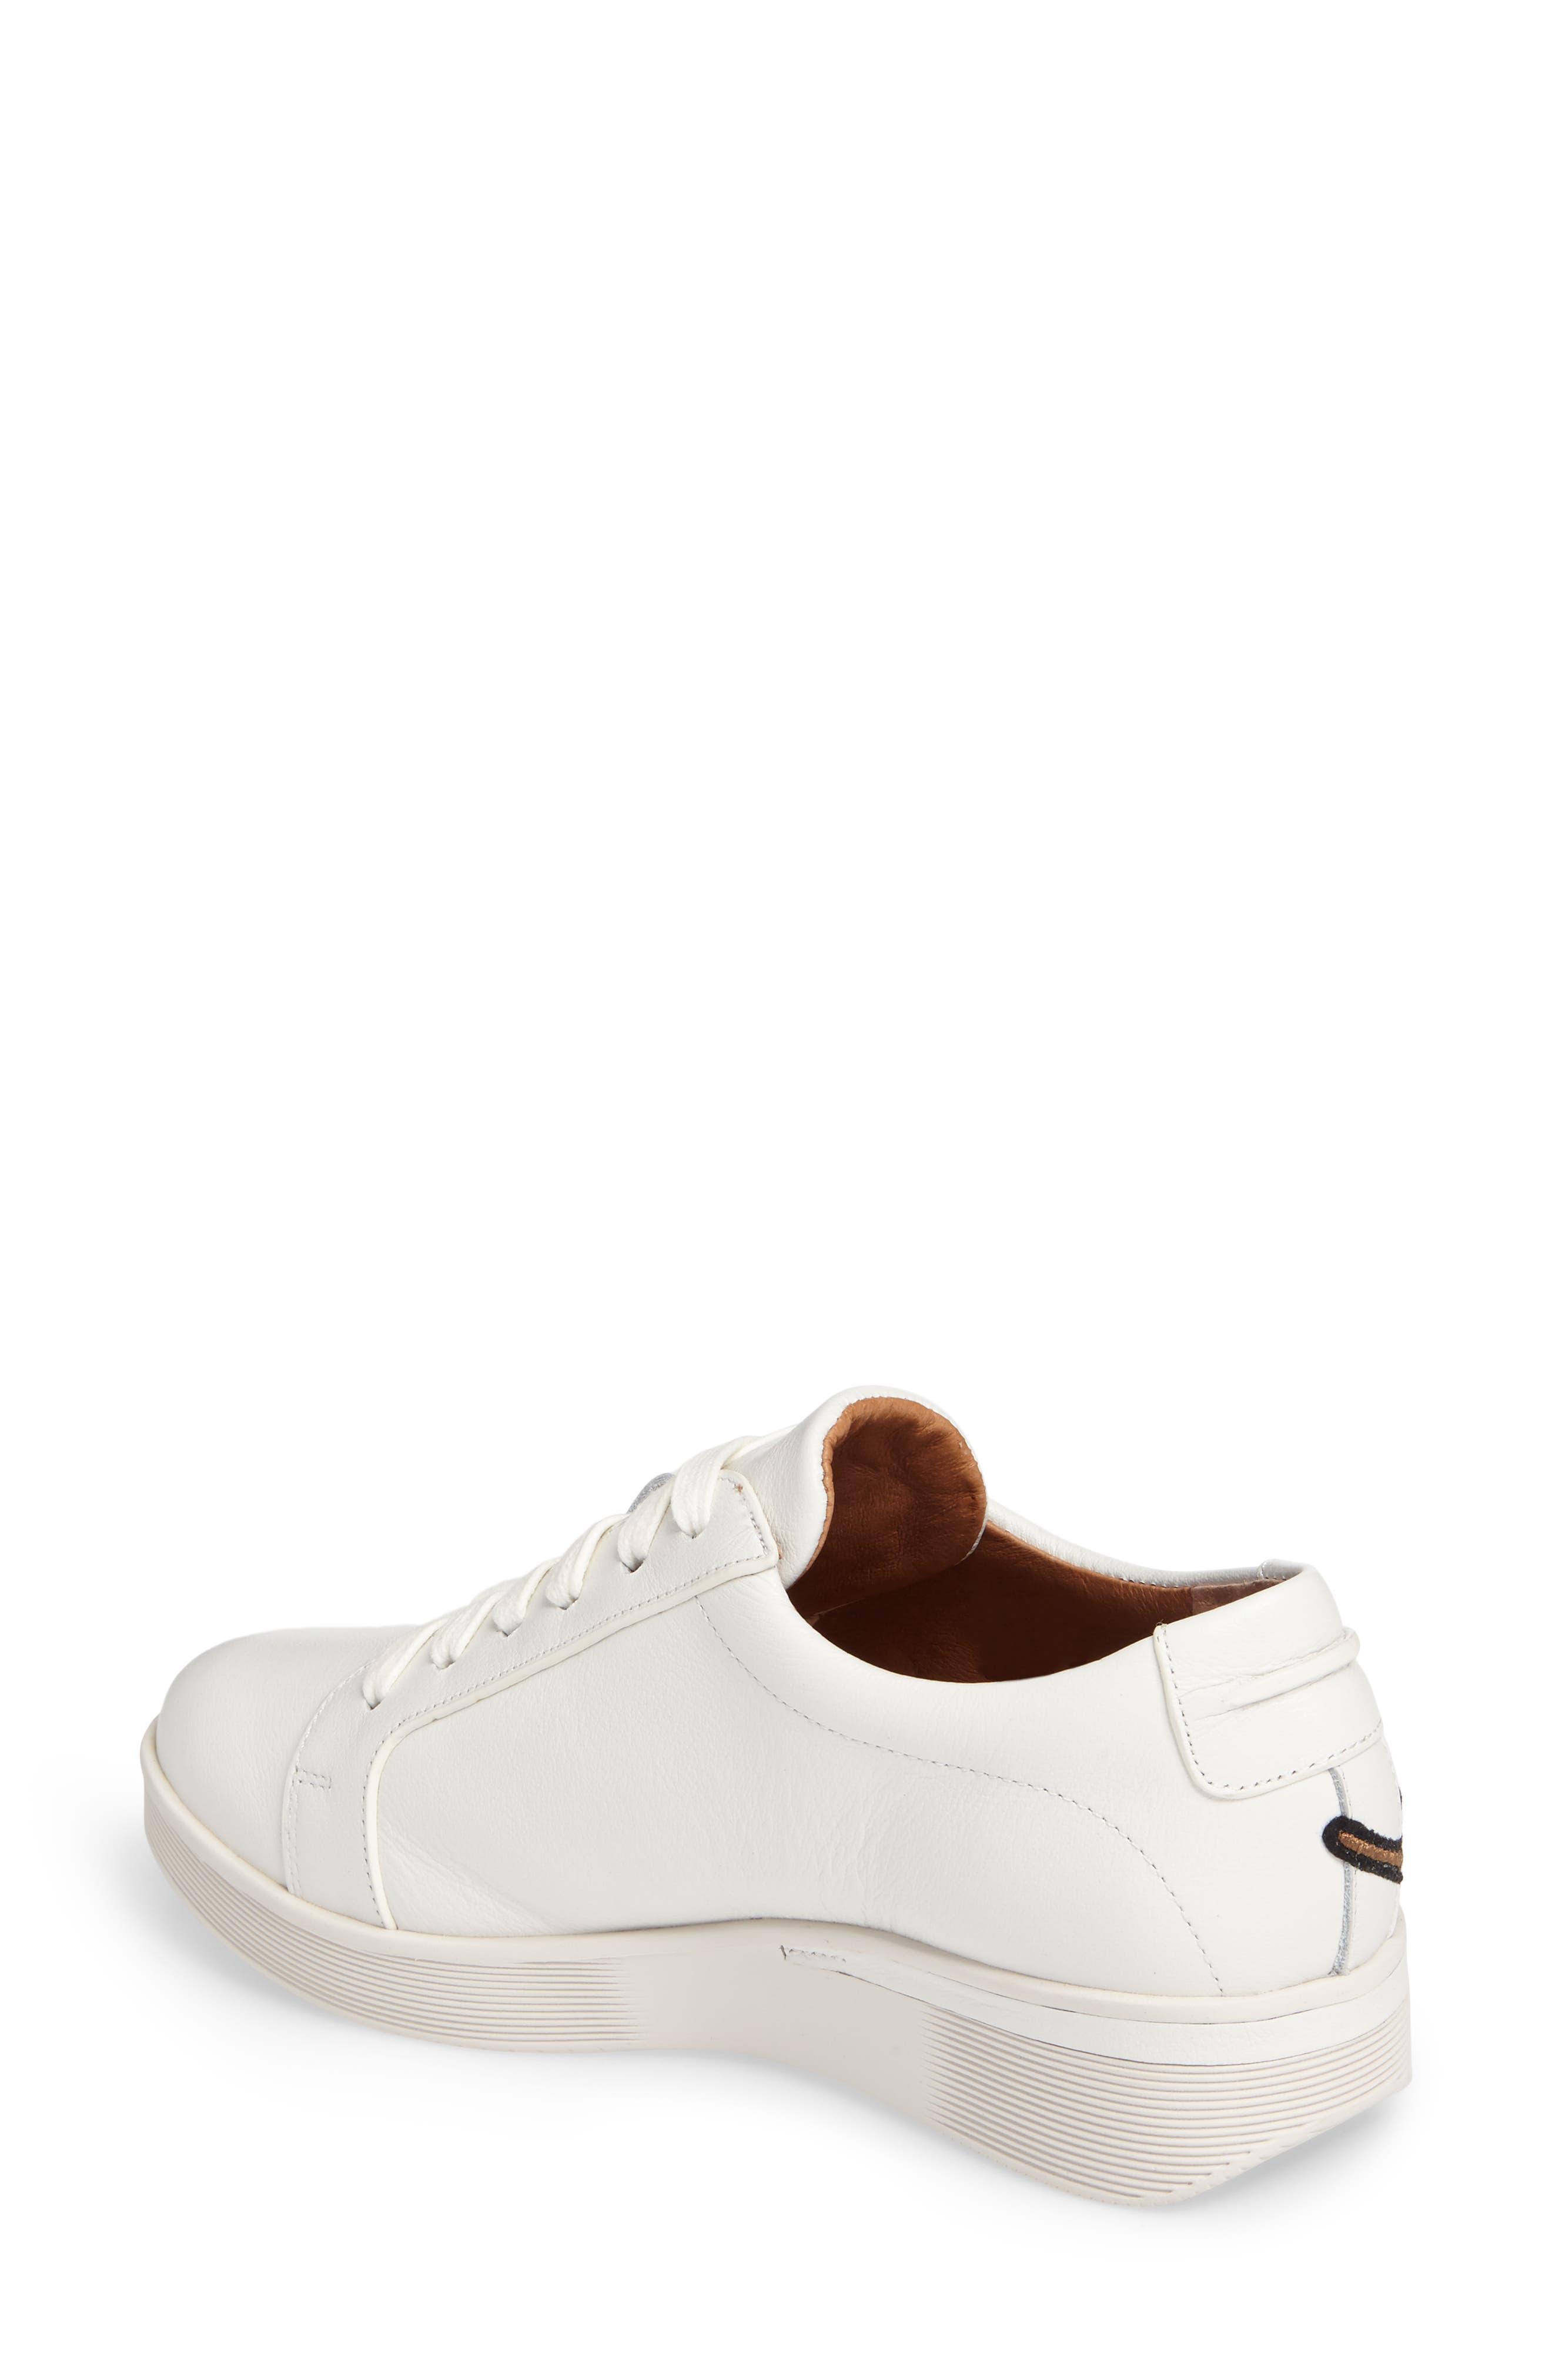 Gentle Soles Haddie Rose Sneaker,                             Alternate thumbnail 2, color,                             110